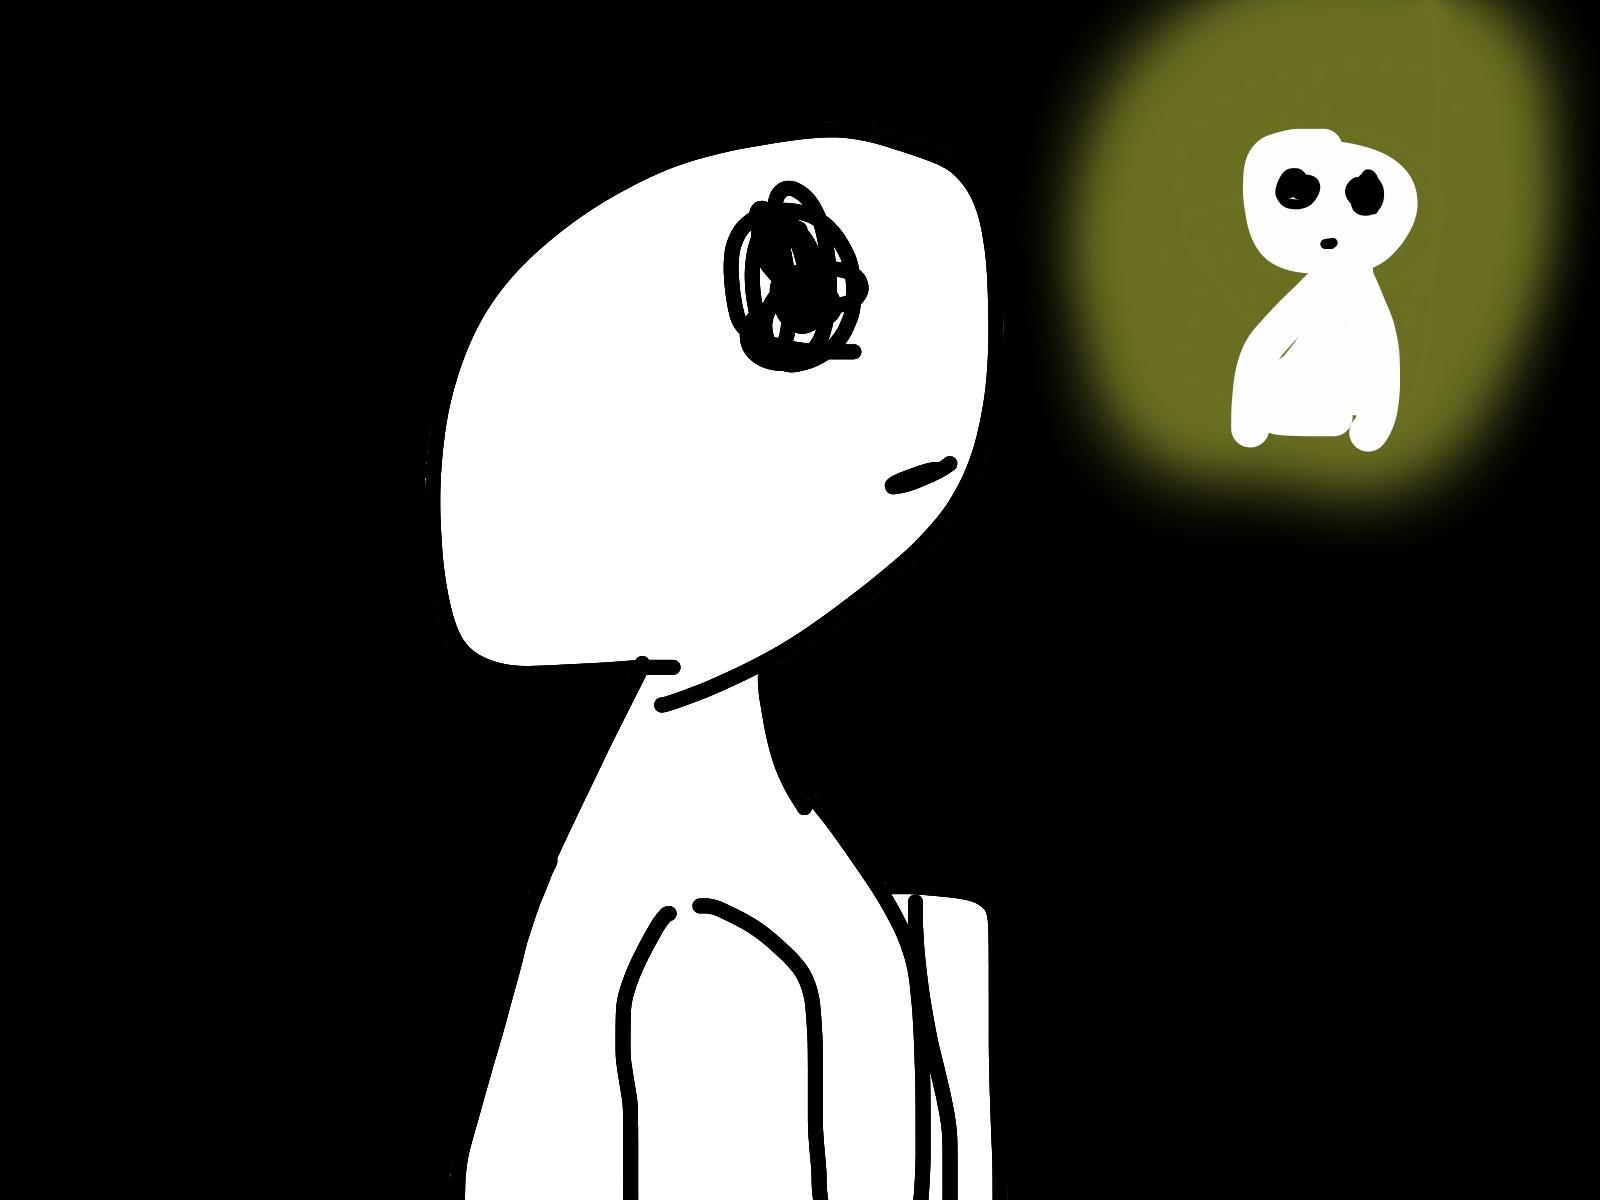 ペッパーの孤独_a0232906_20585484.jpg